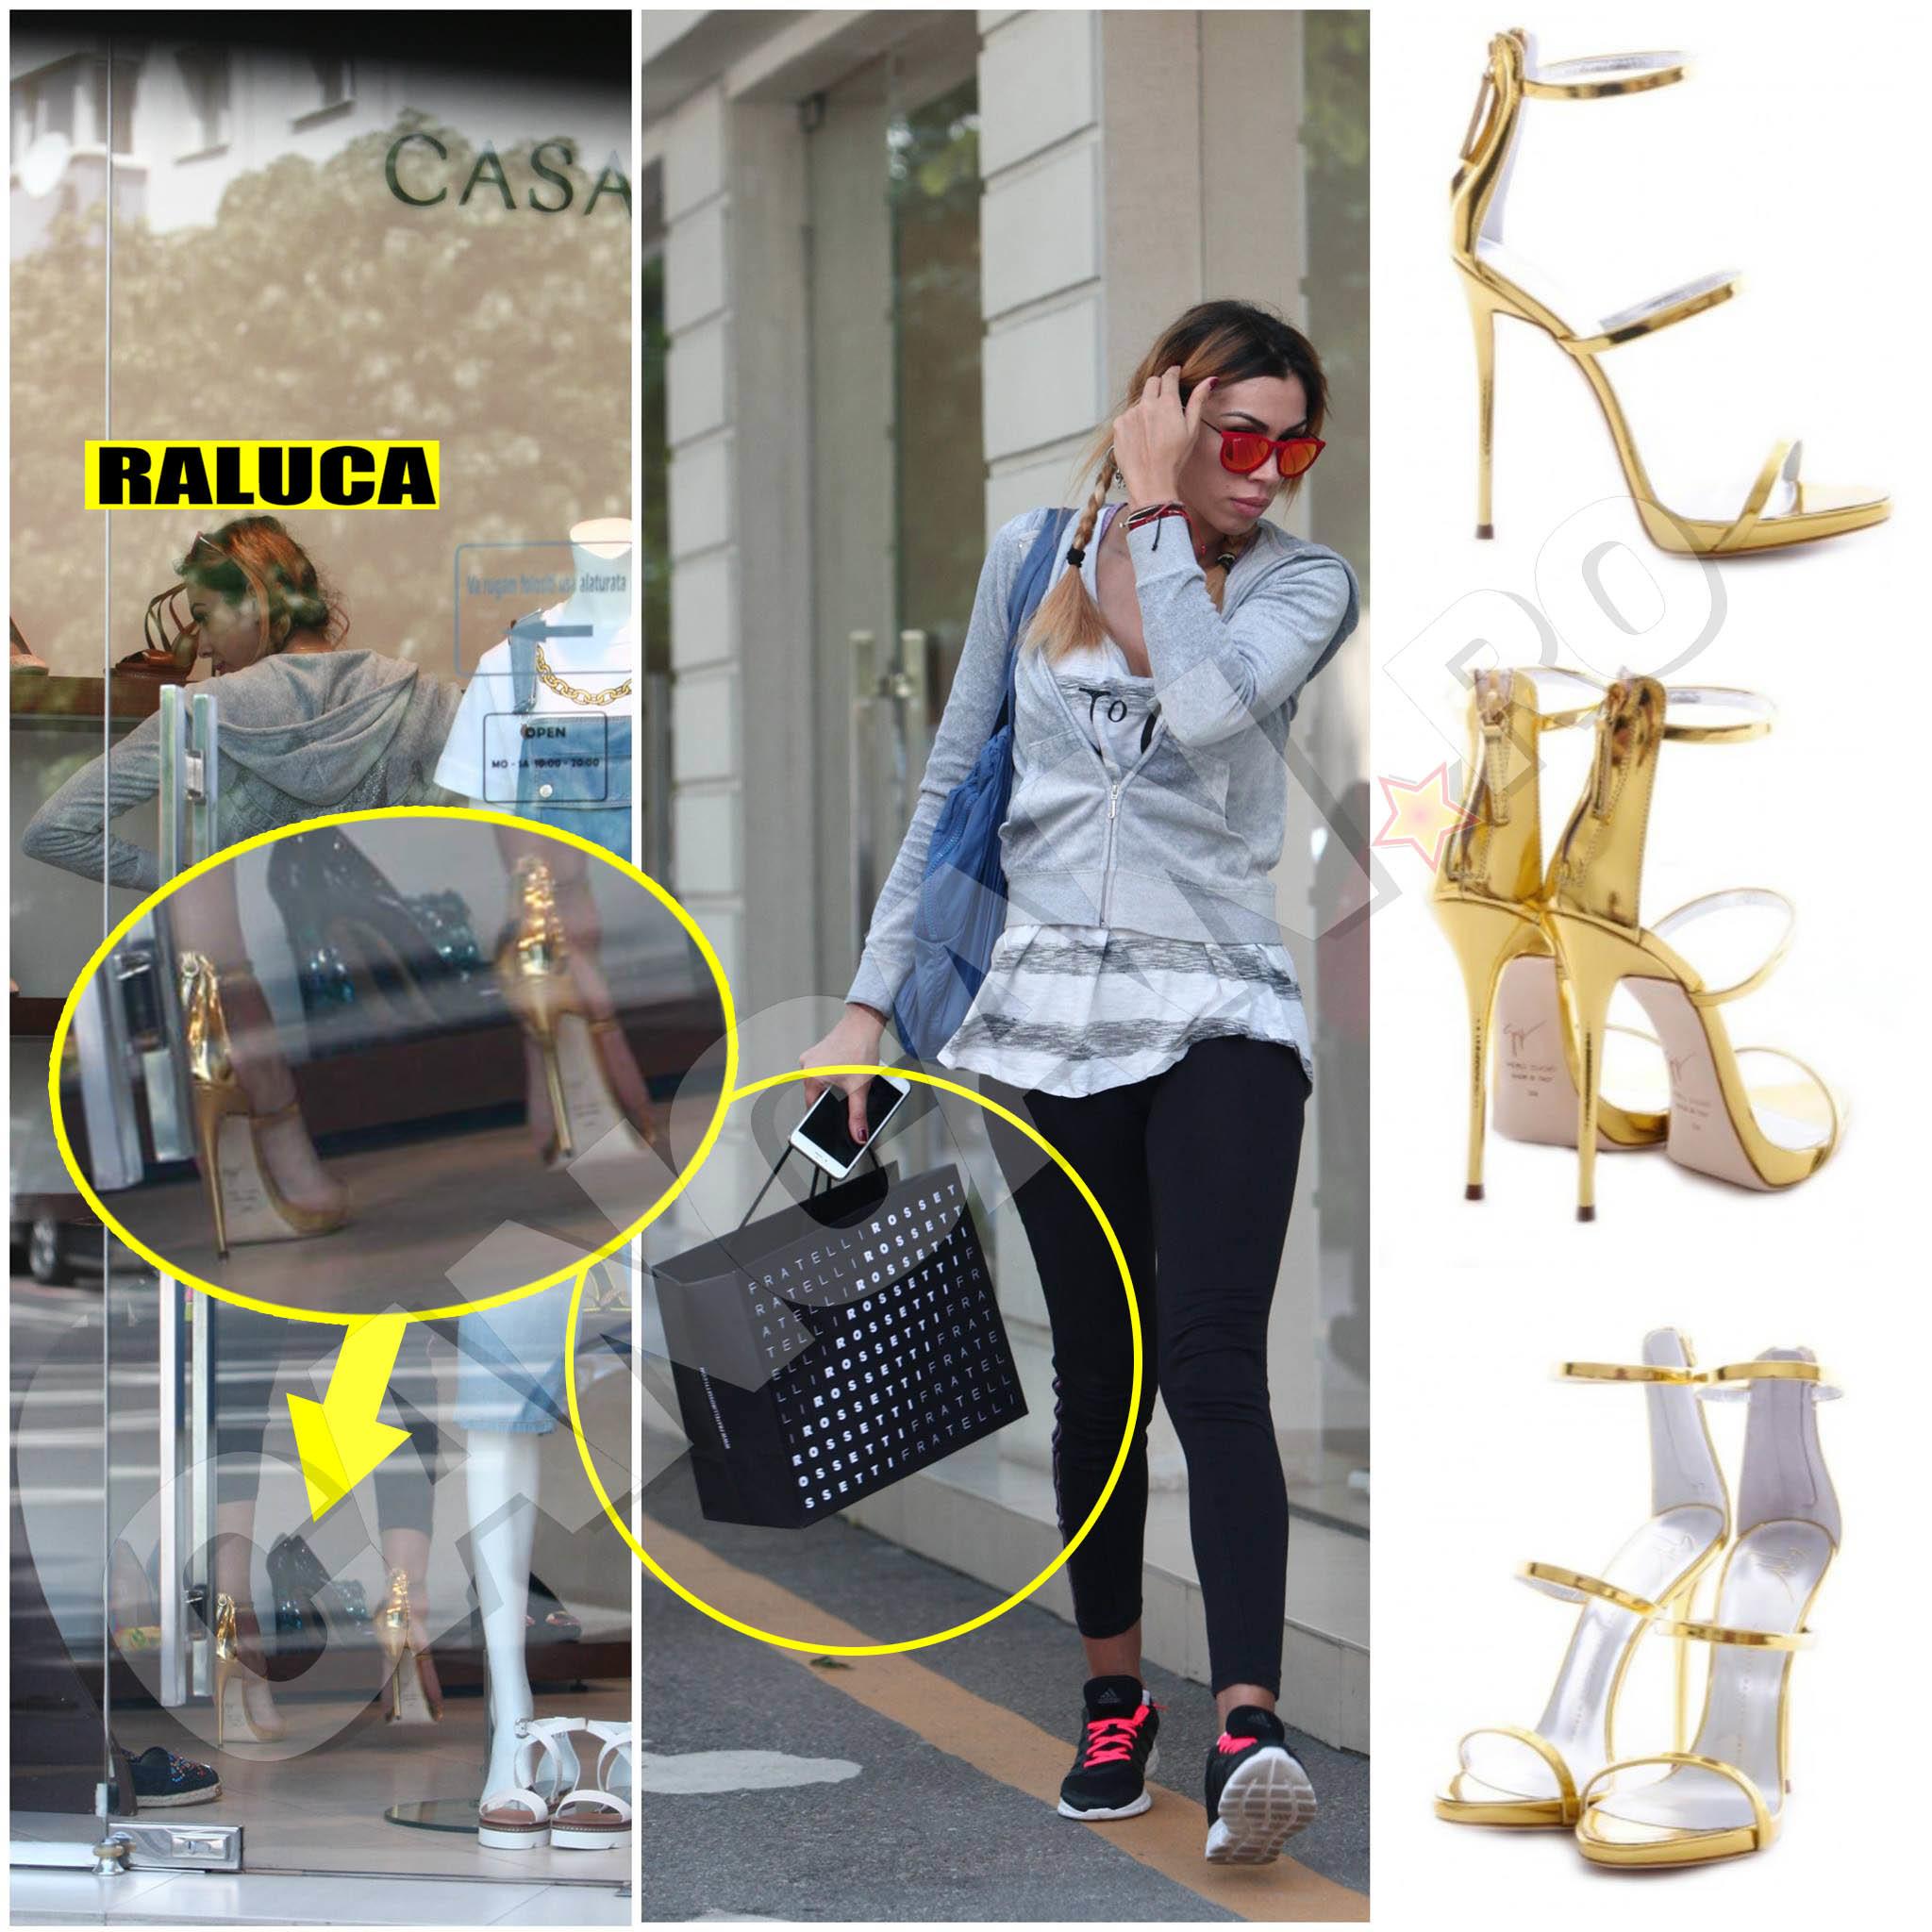 Pantofii originali Giuseppe Zanotti pot fi găsiţi în magazinul online Distinto, costă 2700 lei şi sunt făcuţi în Italia, din piele lăcuită, cu toc de 10 centimetri, nefiind de mirare că Raluca Pastramă nu s-a putut abţine de la a-şi satisface această poftă.